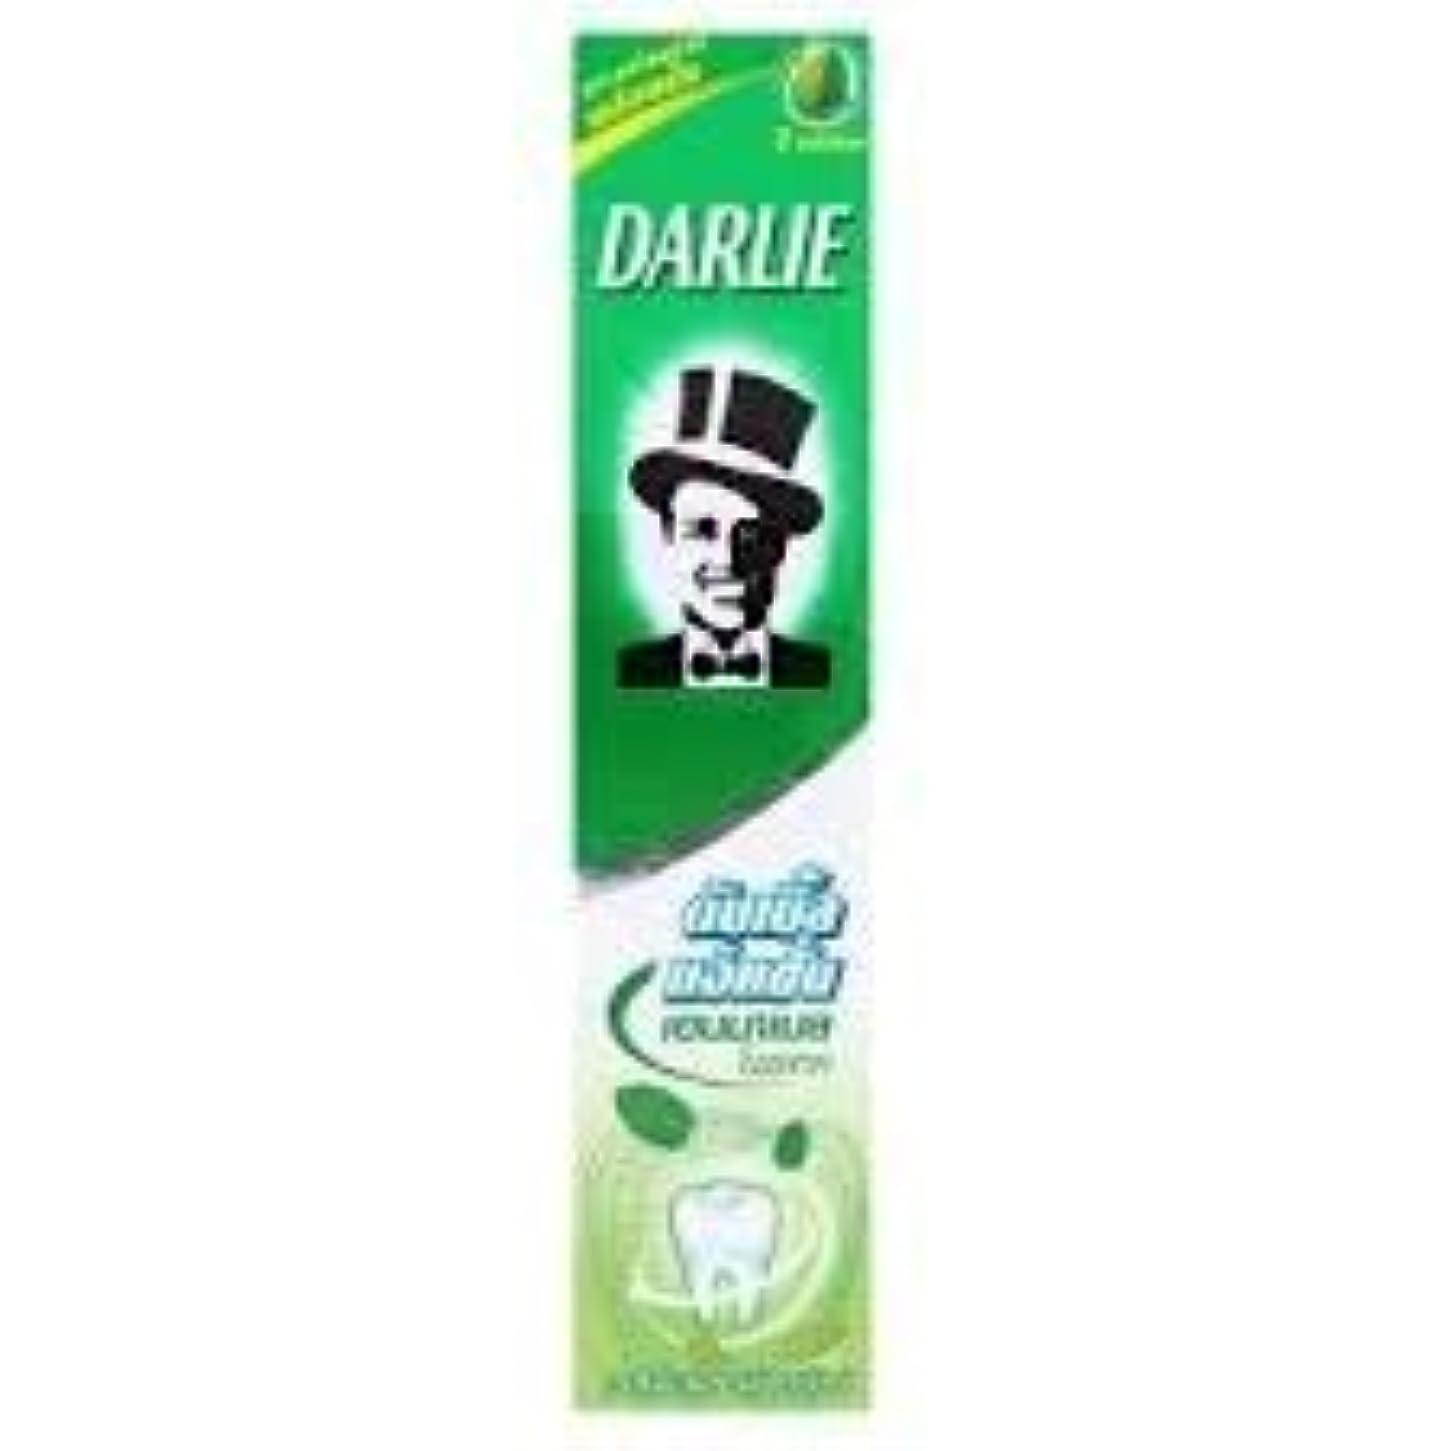 DARLIE 歯磨き粉エナメルは強力なミントを保護します200g - 私達の元の強いミントの味とあなたの呼吸のミントを新しく保ちます